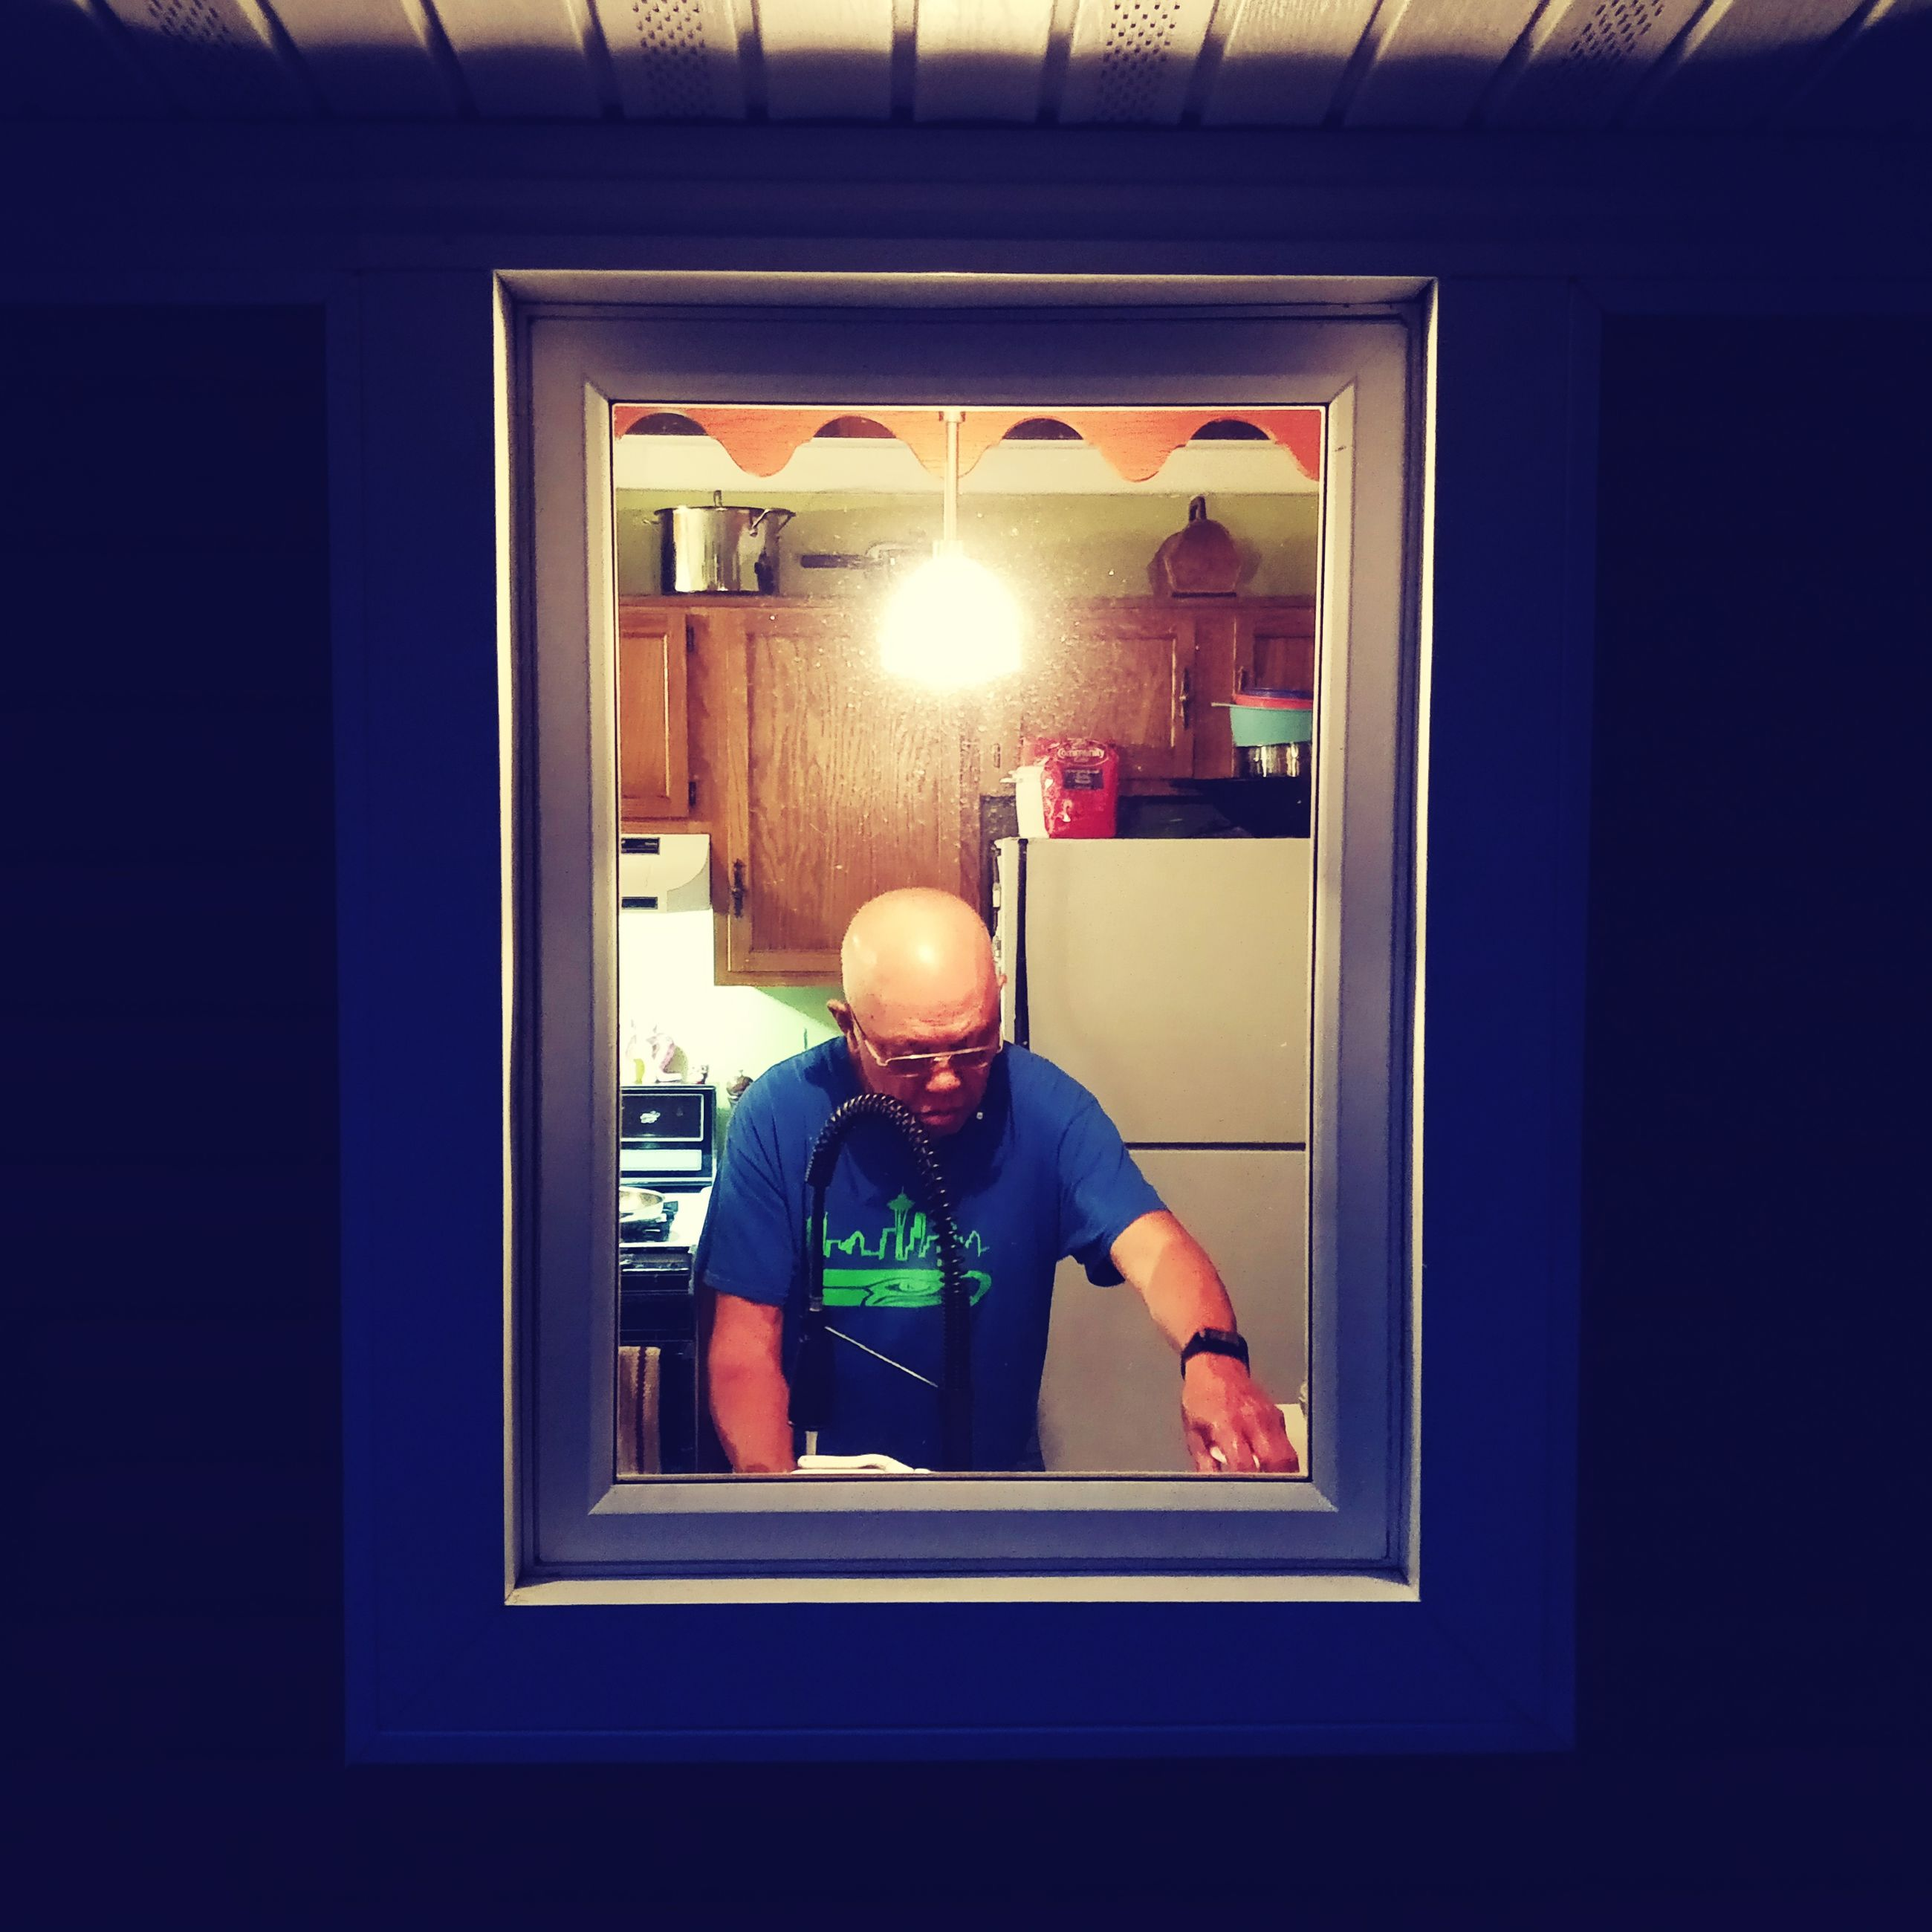 Man in kitchen after dark